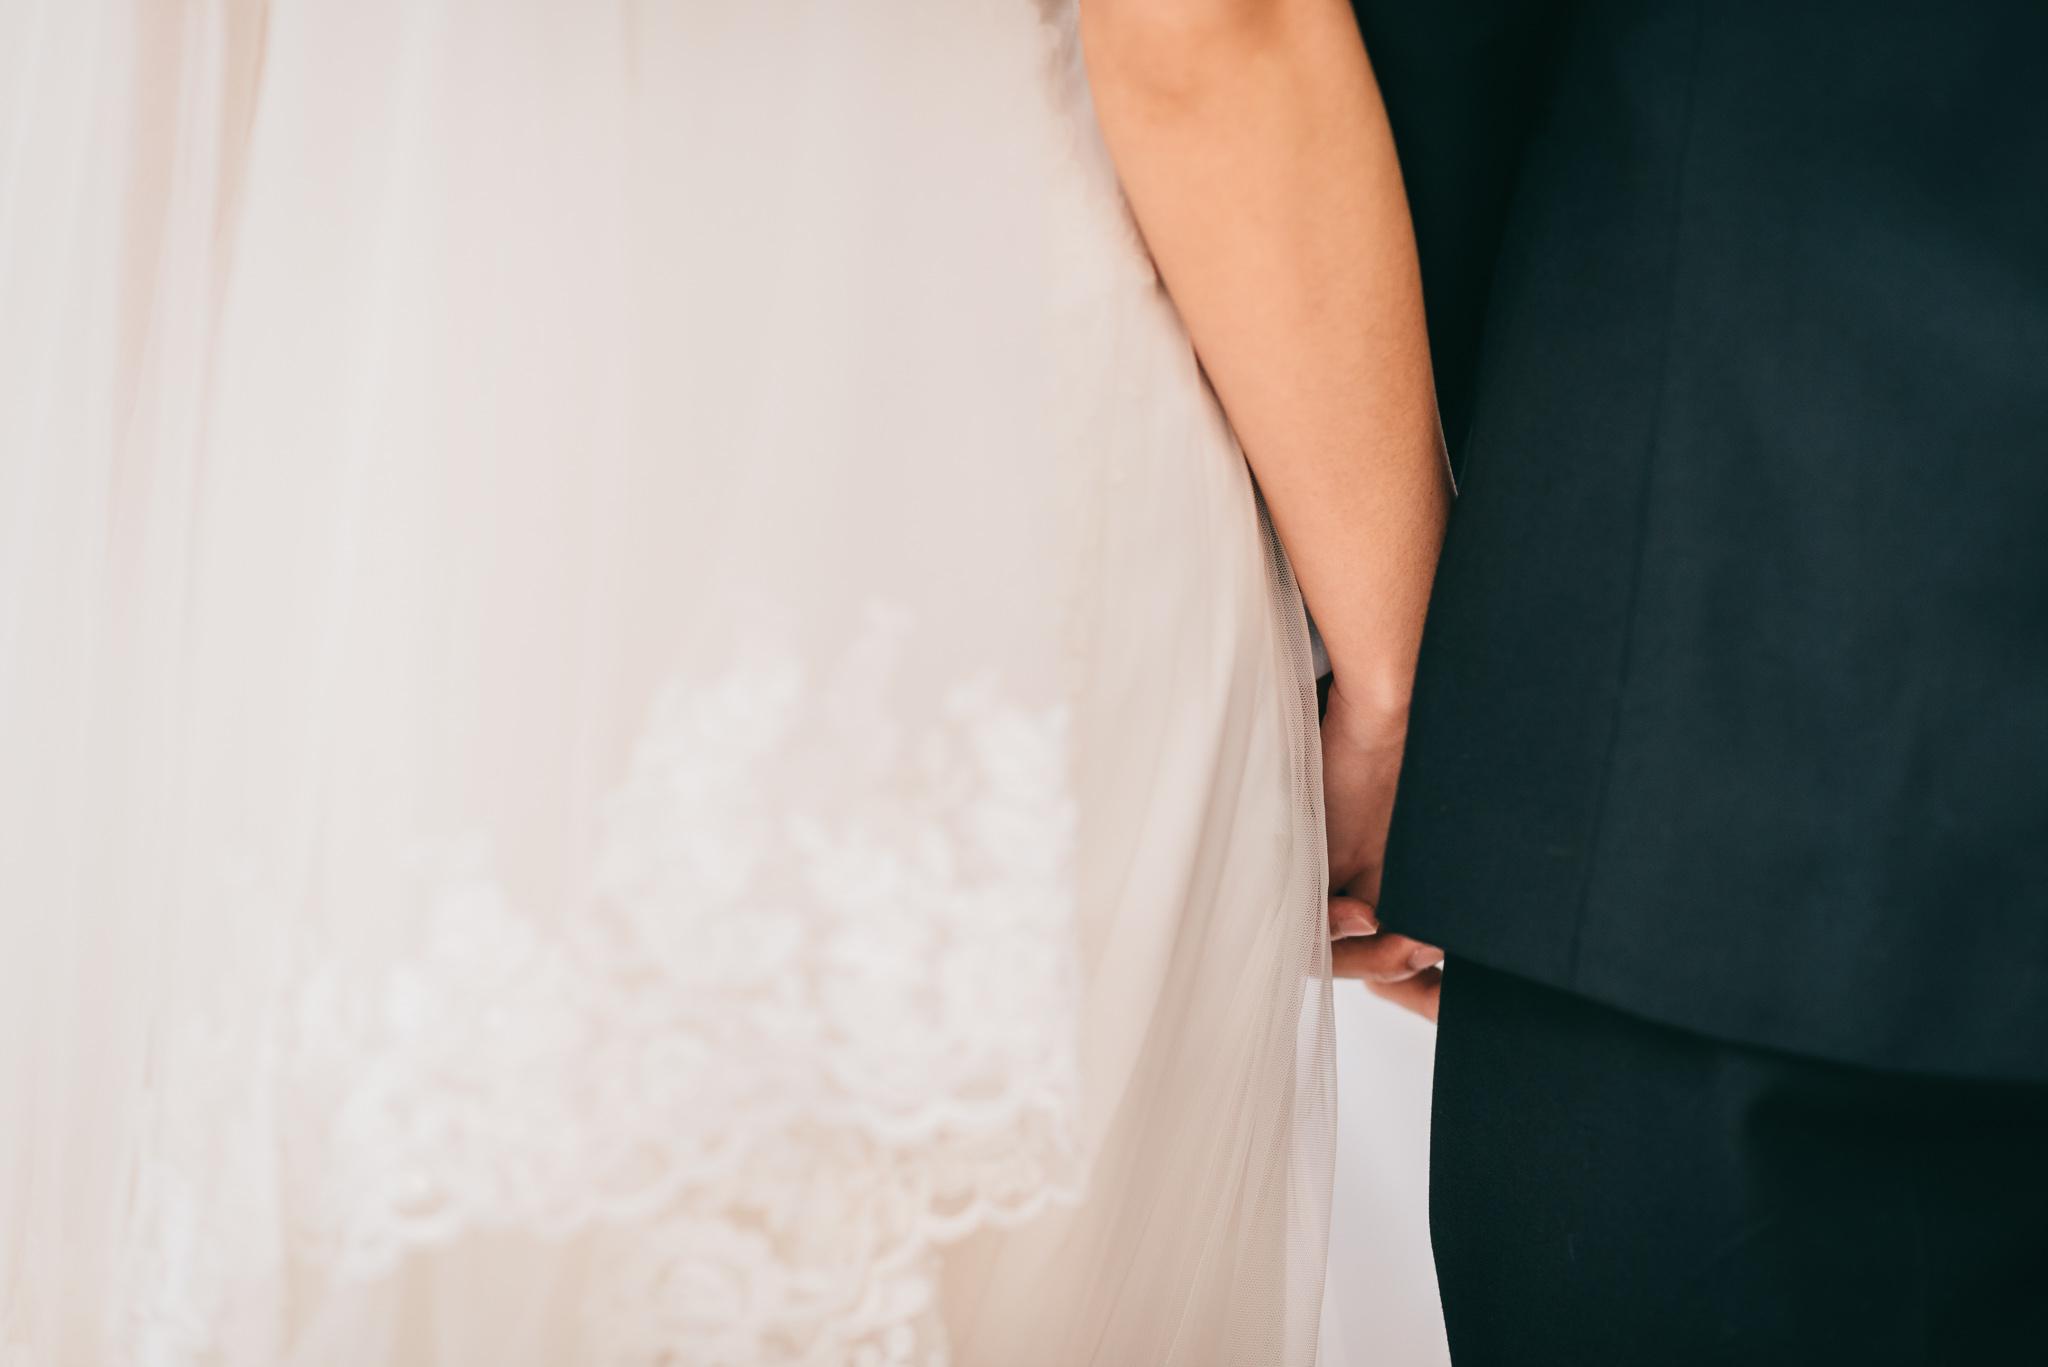 Lionel & Karen Wedding Day Highlights (resized for sharing) - 077.jpg